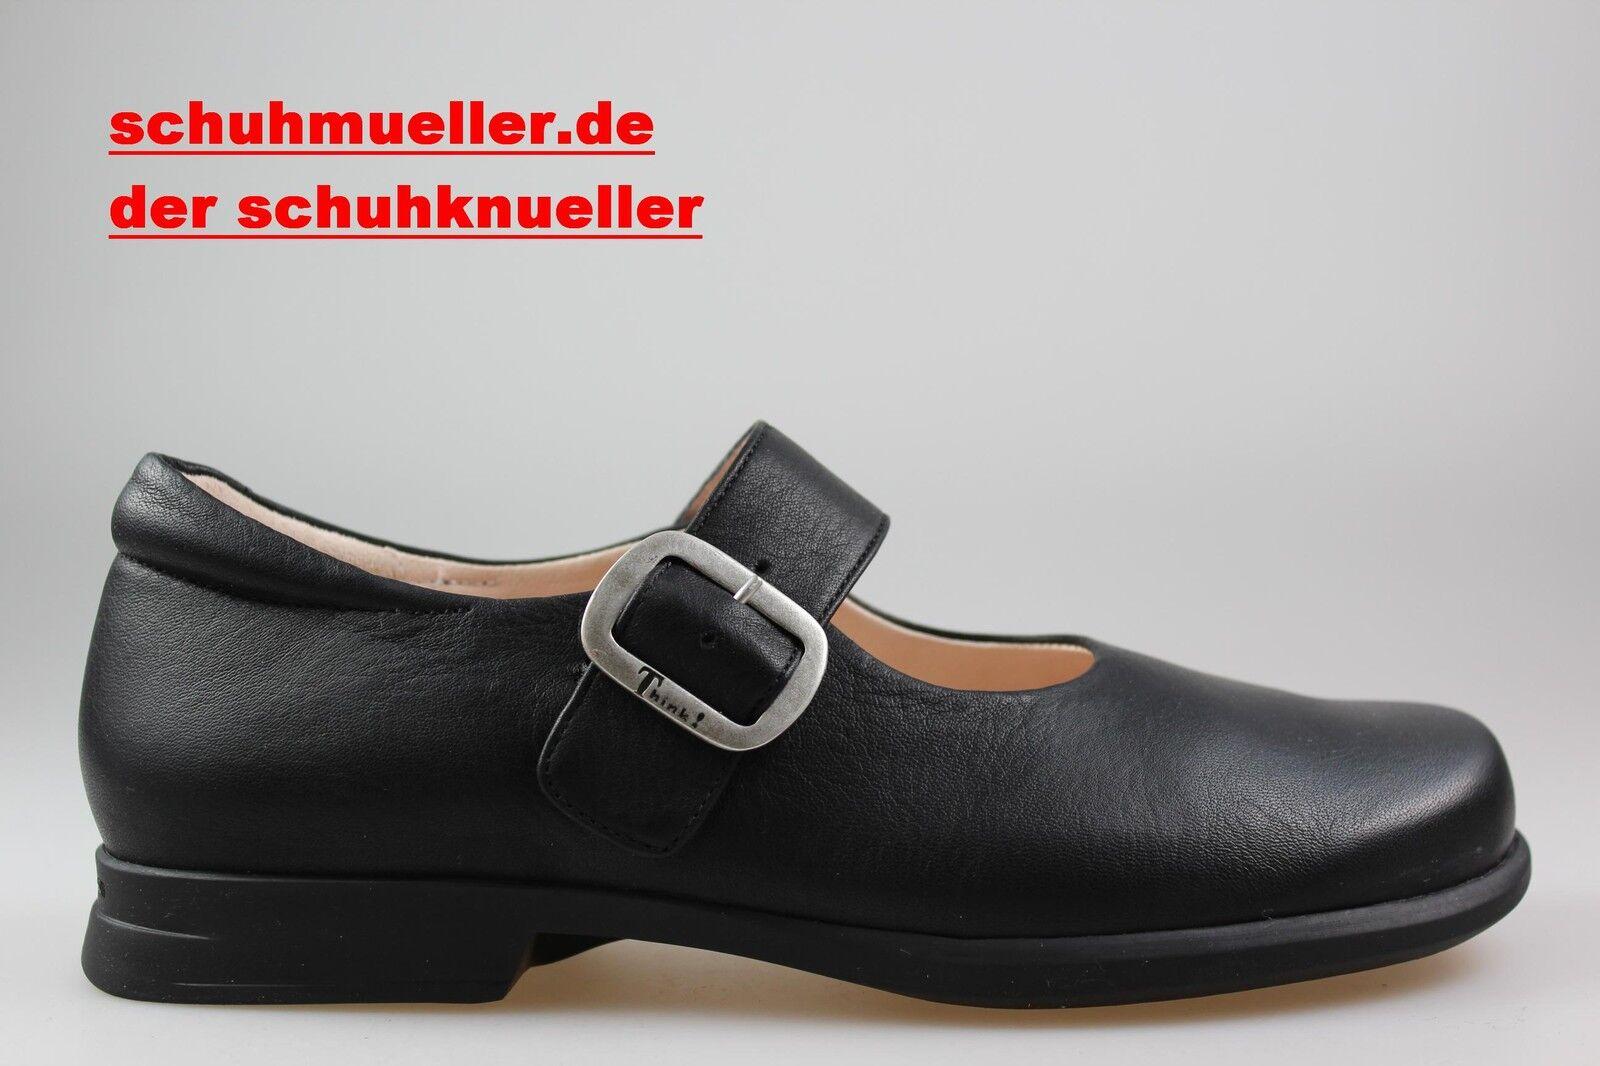 Think  Spangen Ballerina Slipper, Pensa,  83001-00, schwarz